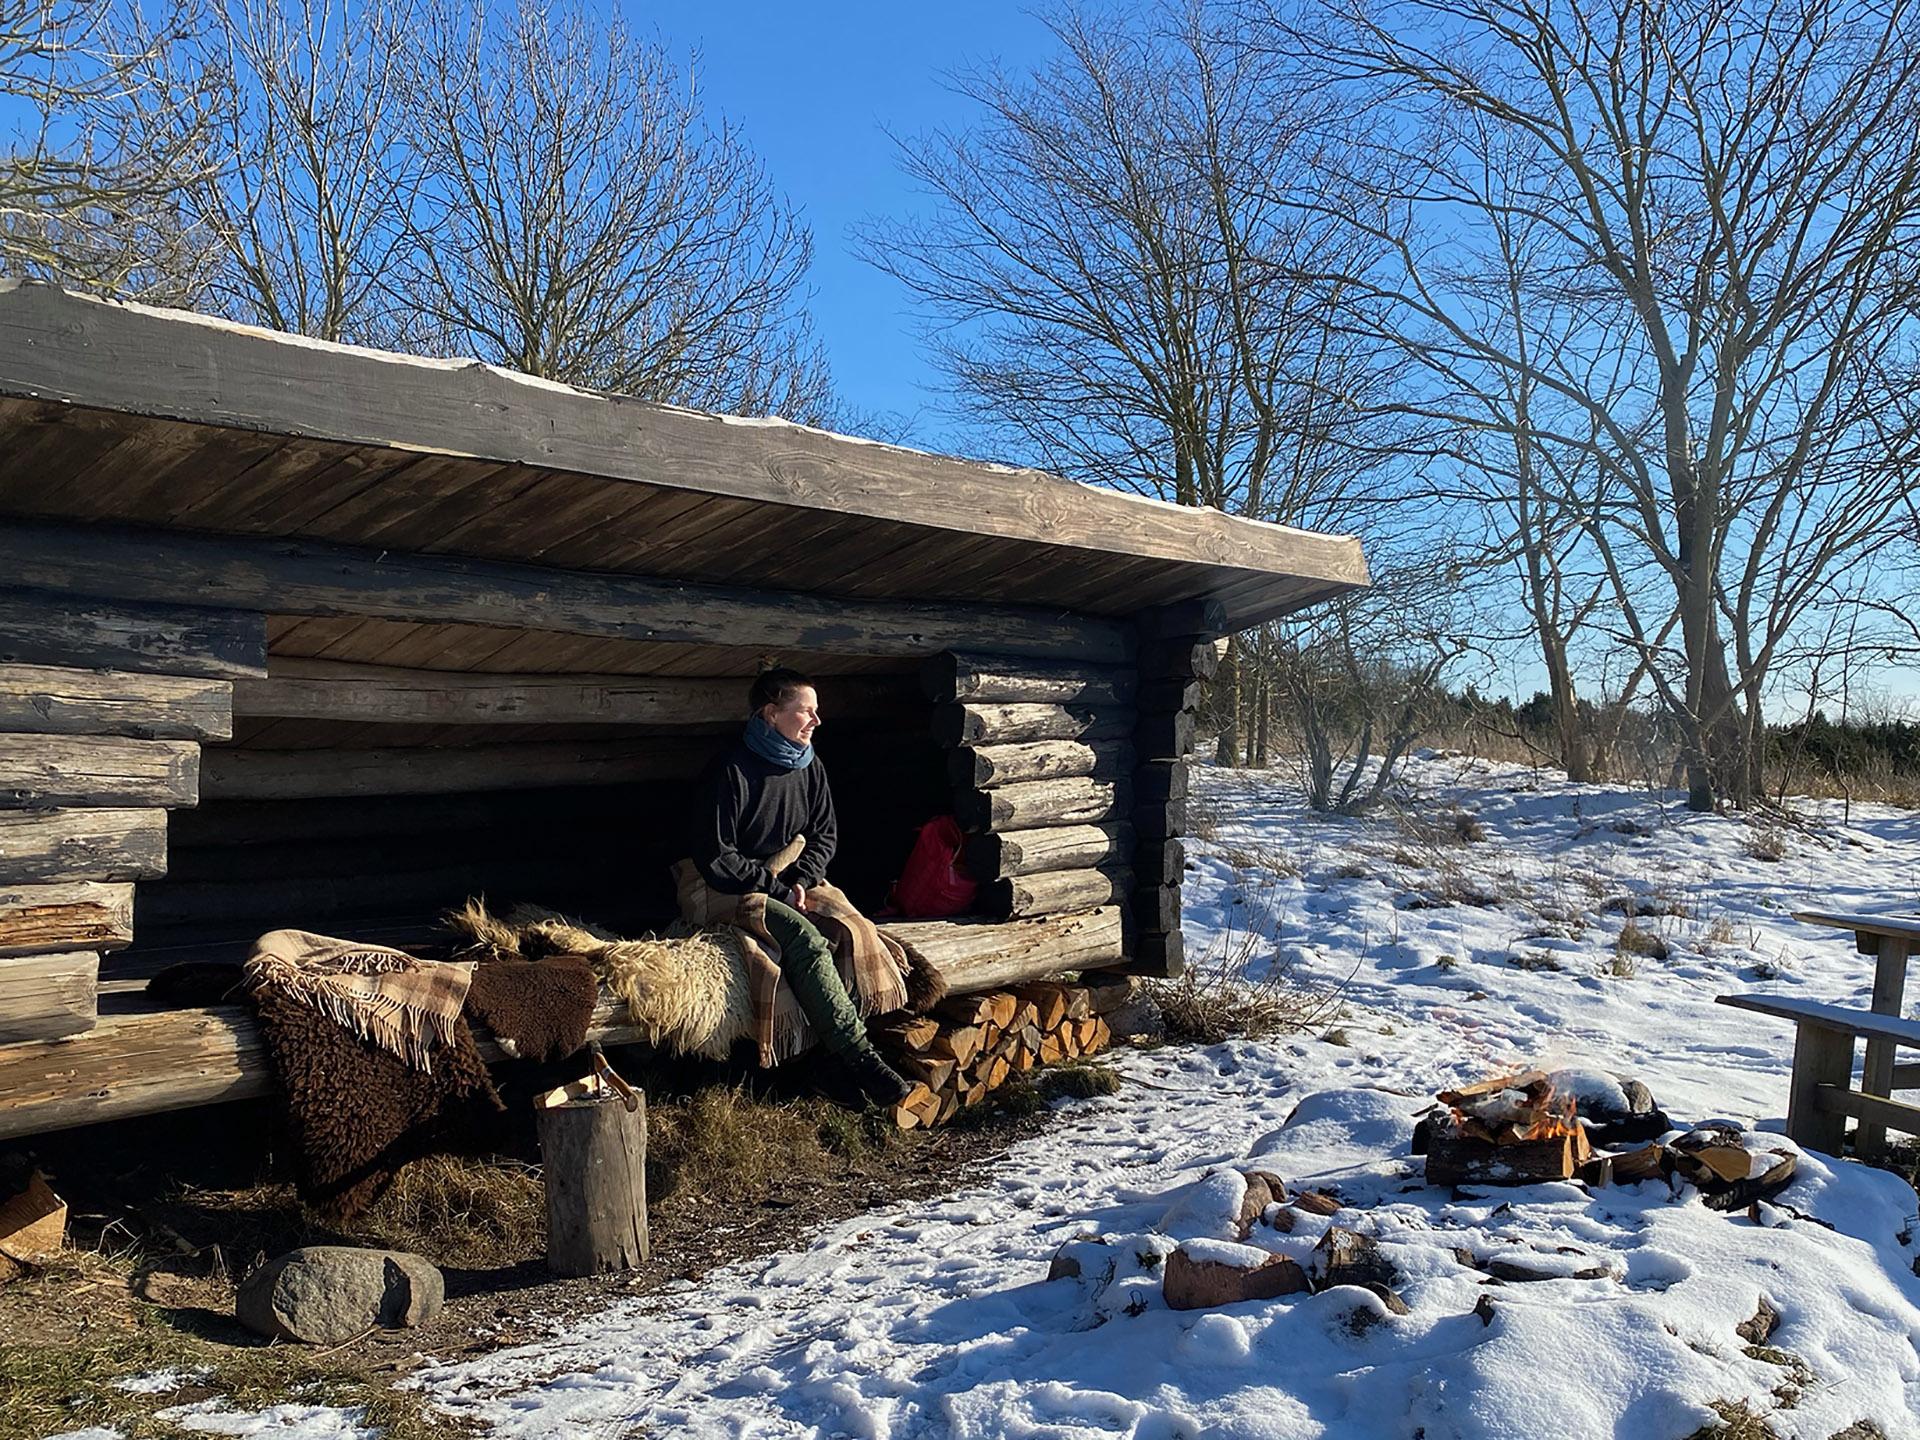 Vinterdag i det vestvendte shelter